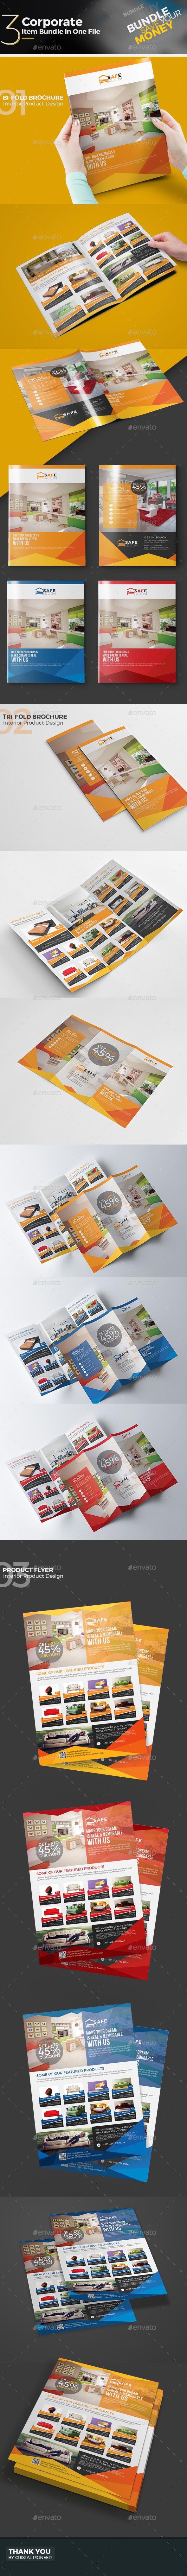 Product Branding Bundle - Corporate Brochures